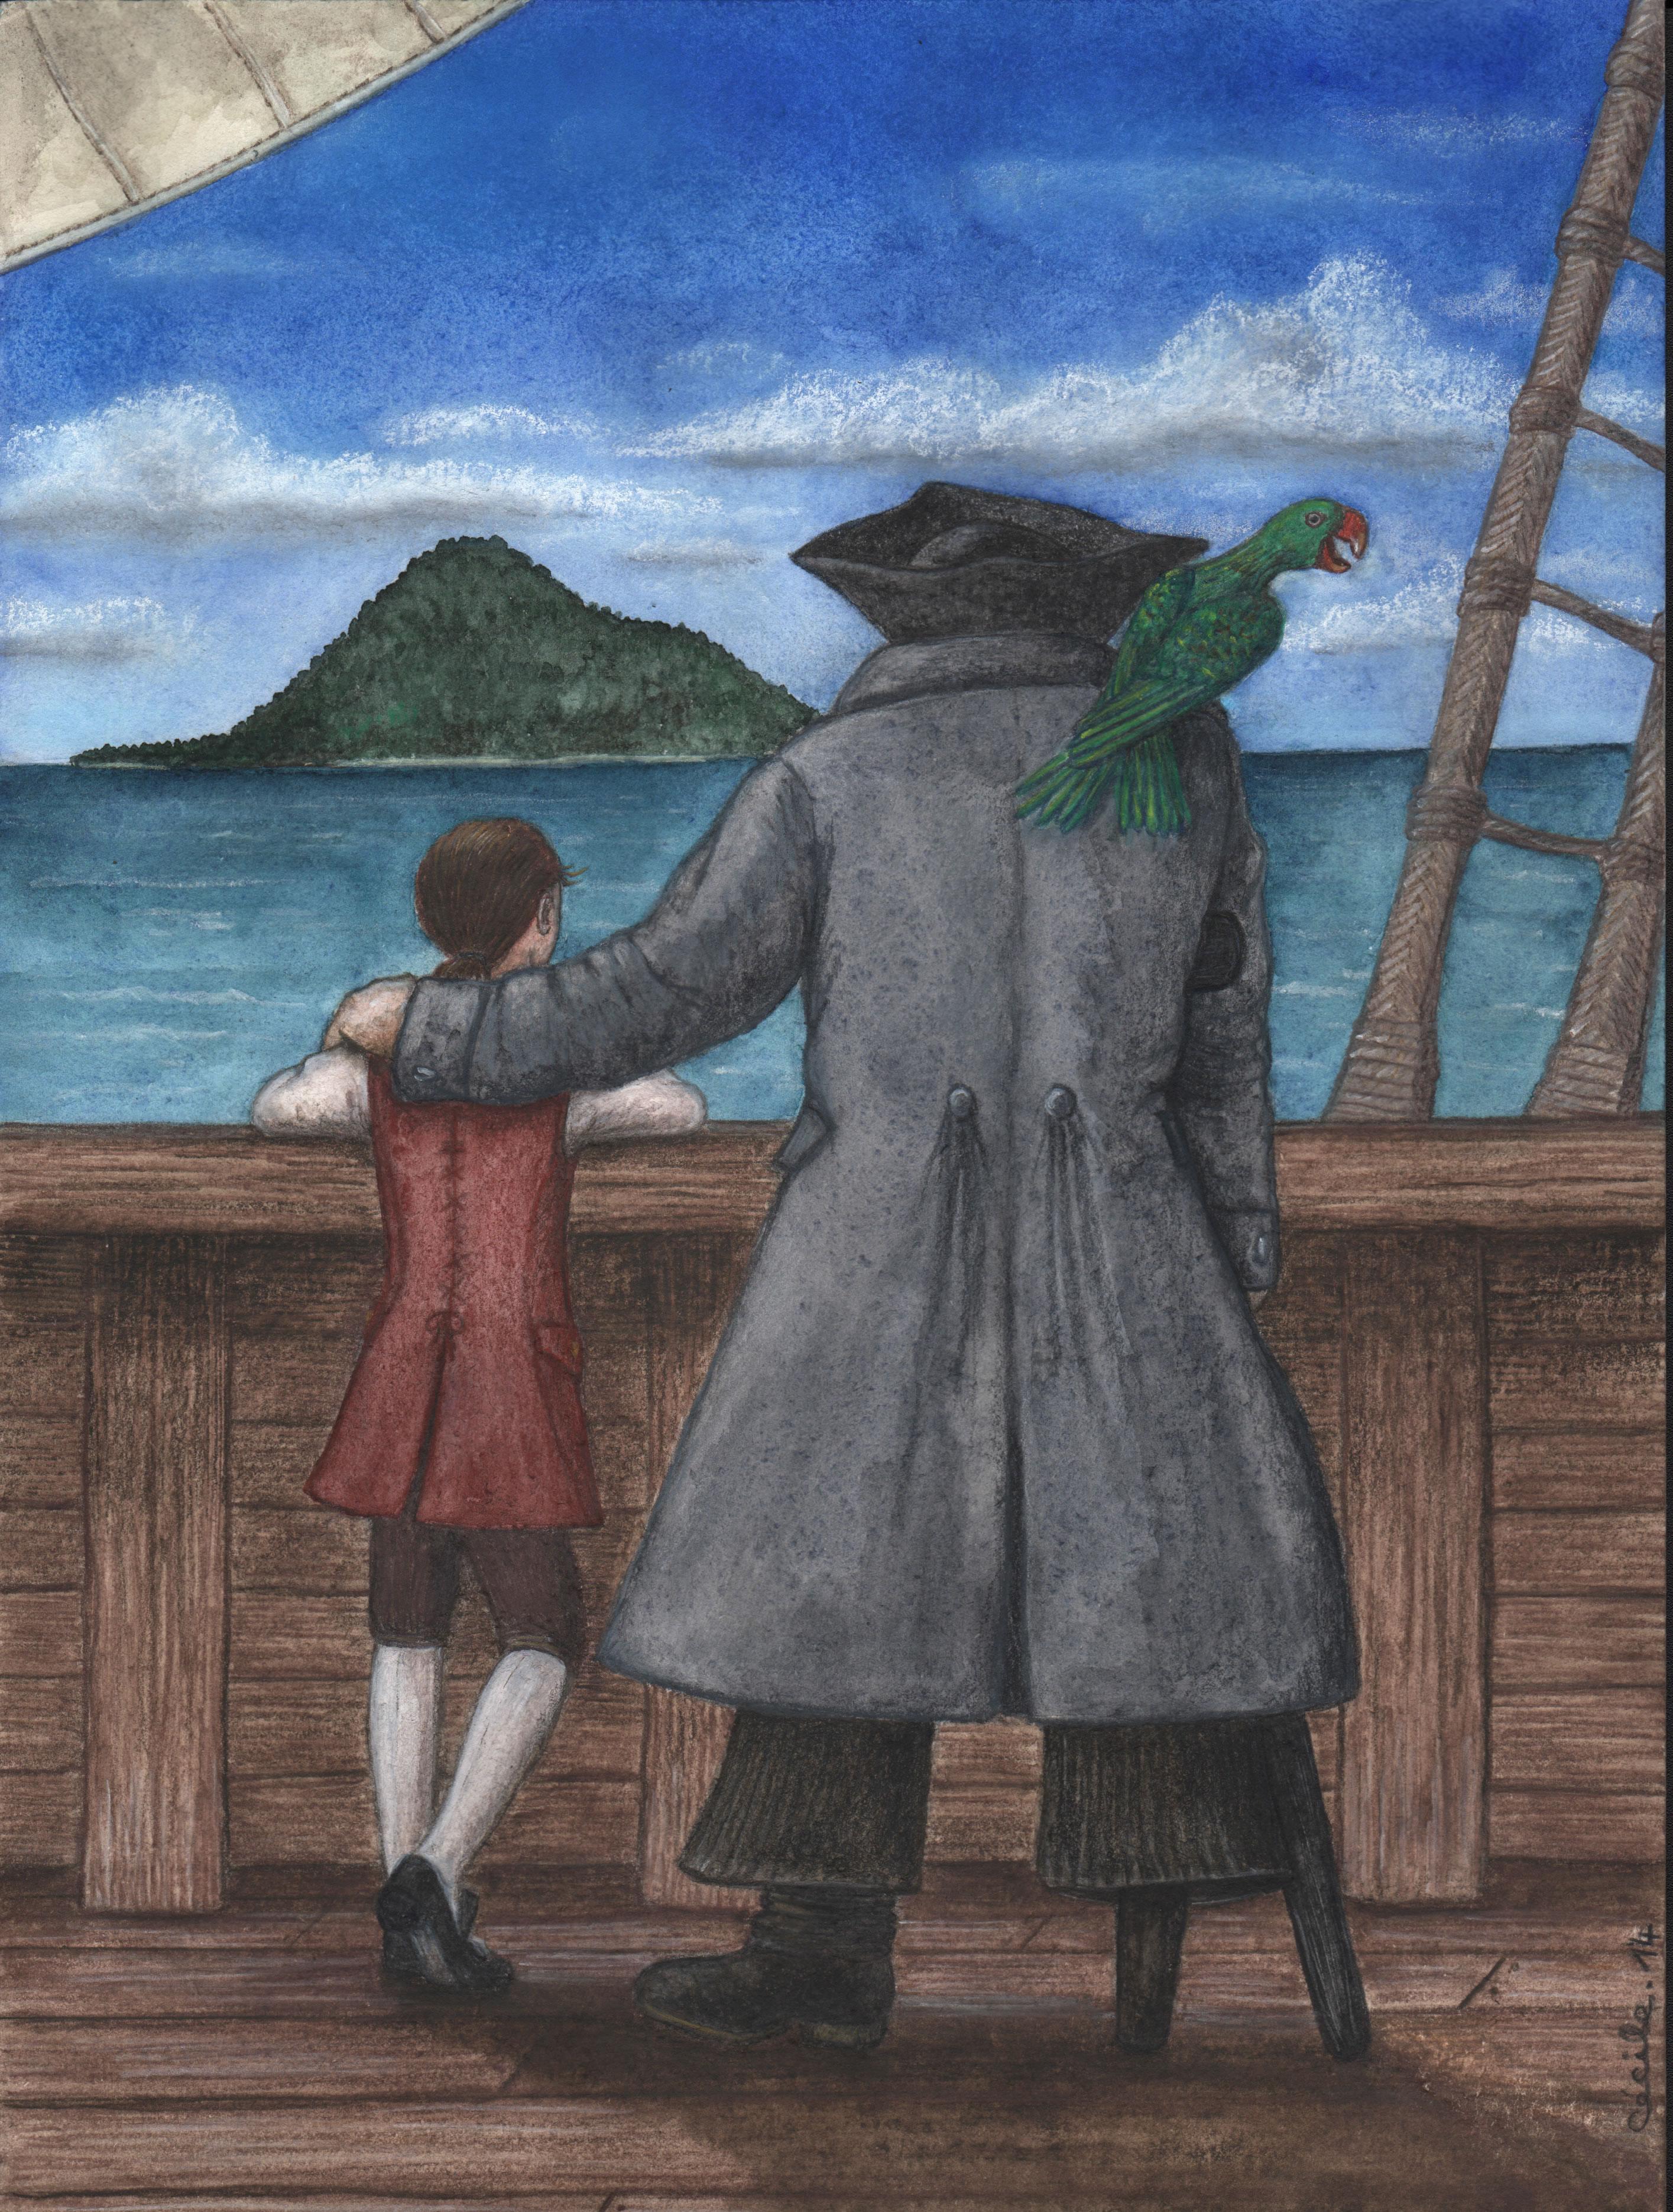 L'Île au trésor, de Robert Louis Stevenson (2014)